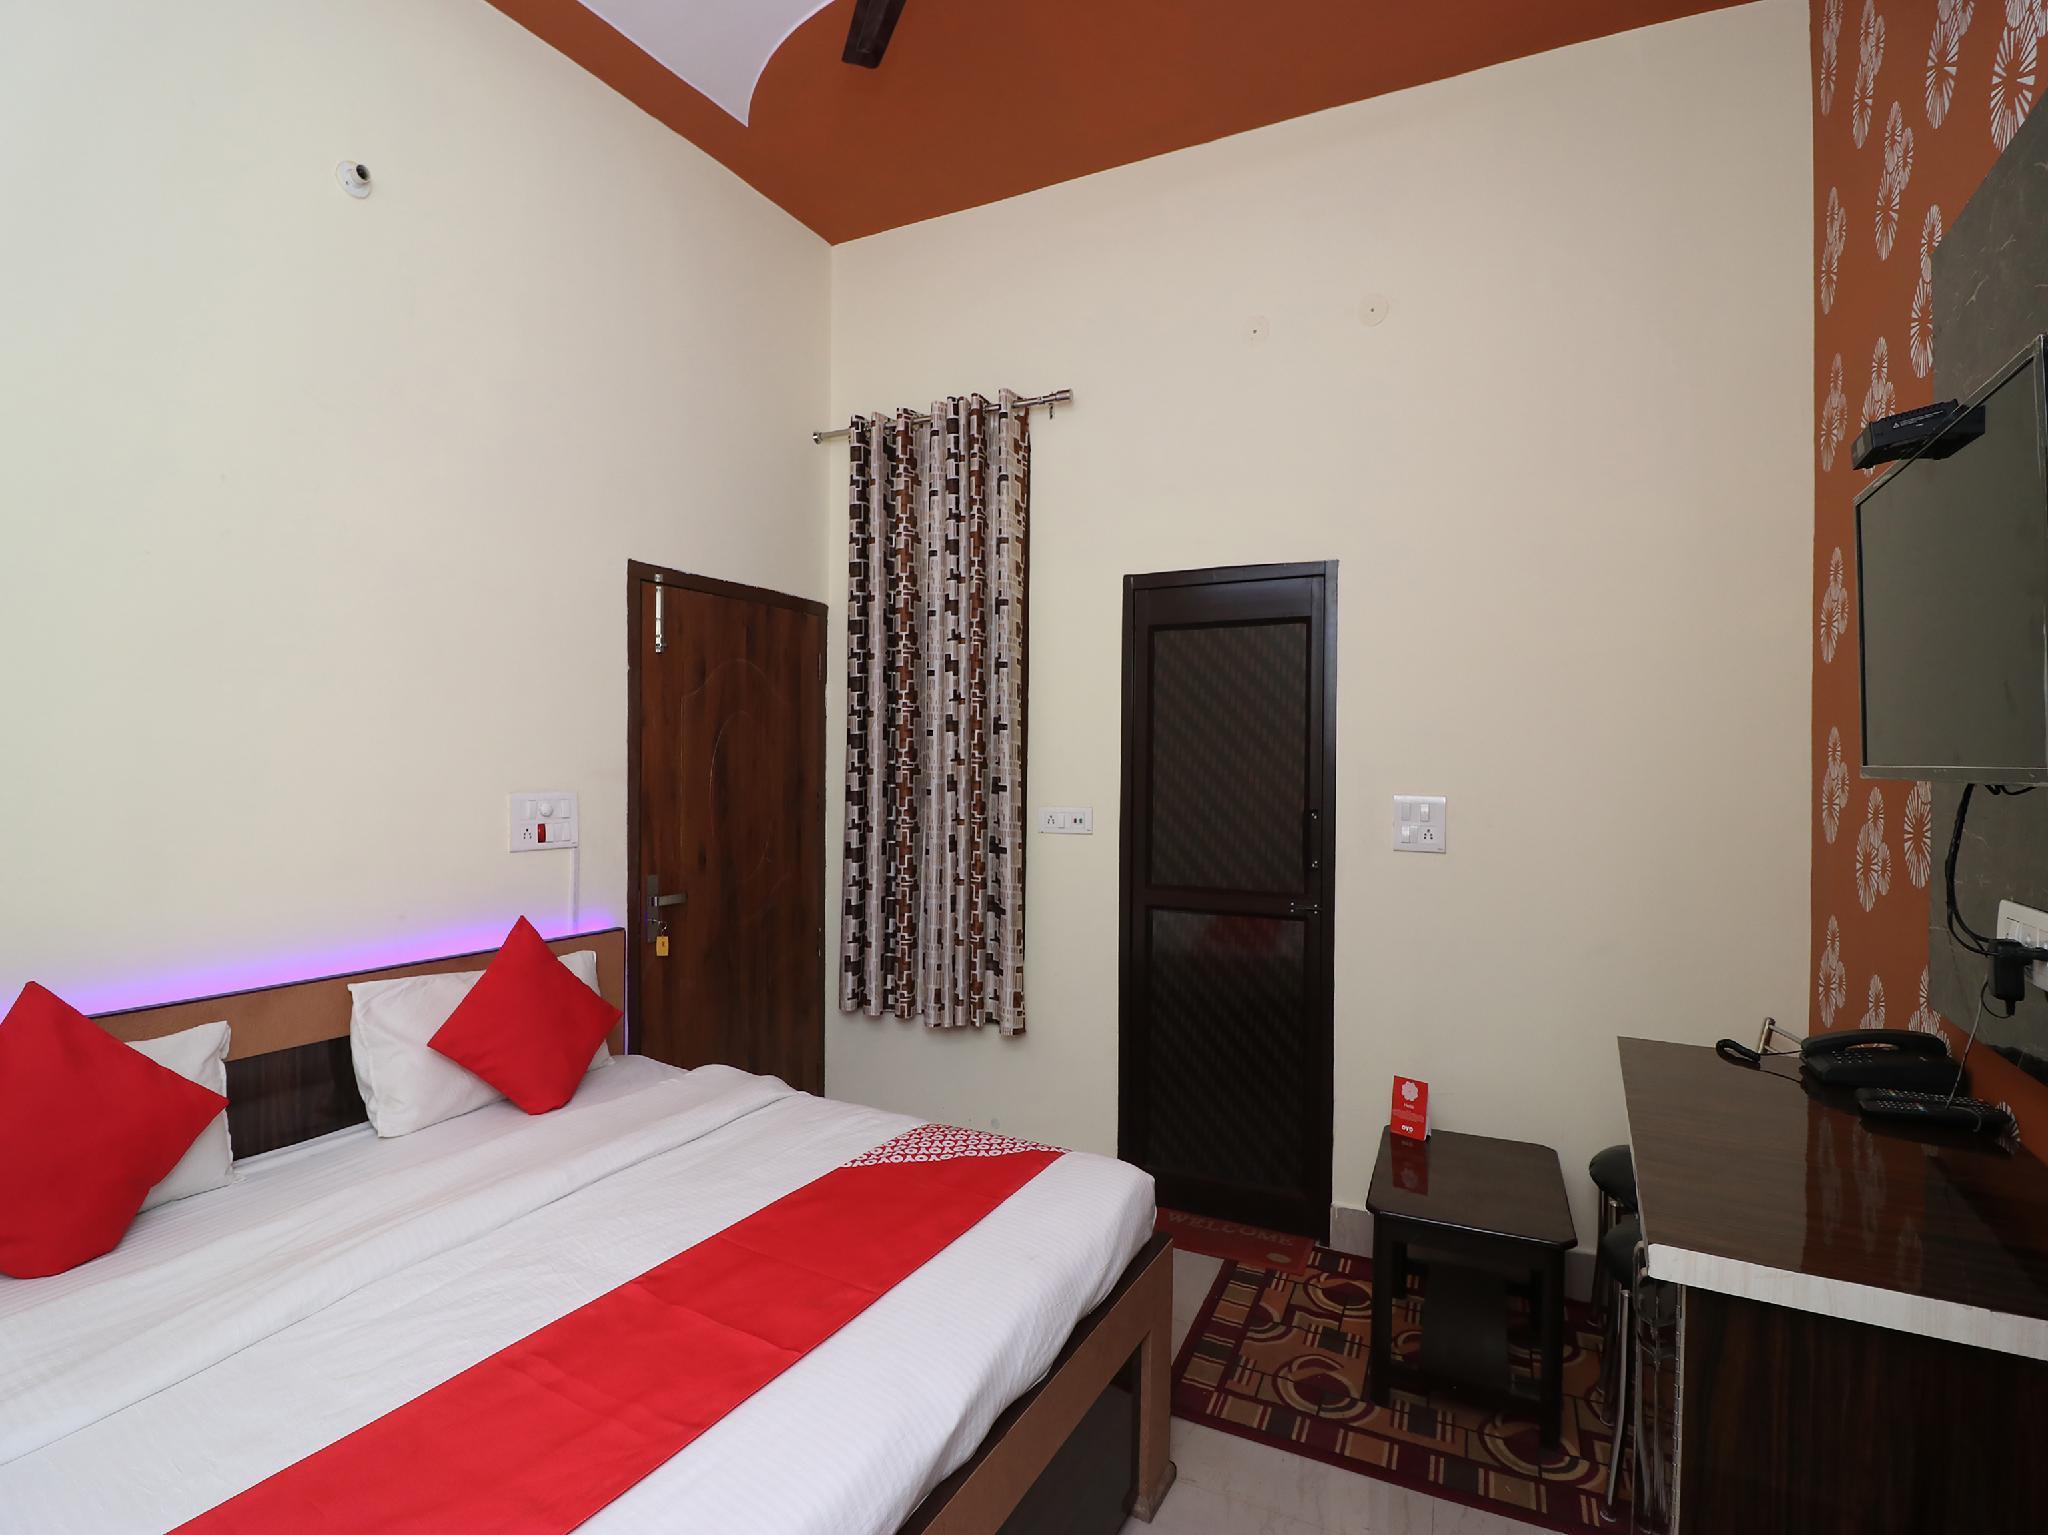 OYO 27027 Hotel Sky, Kurukshetra